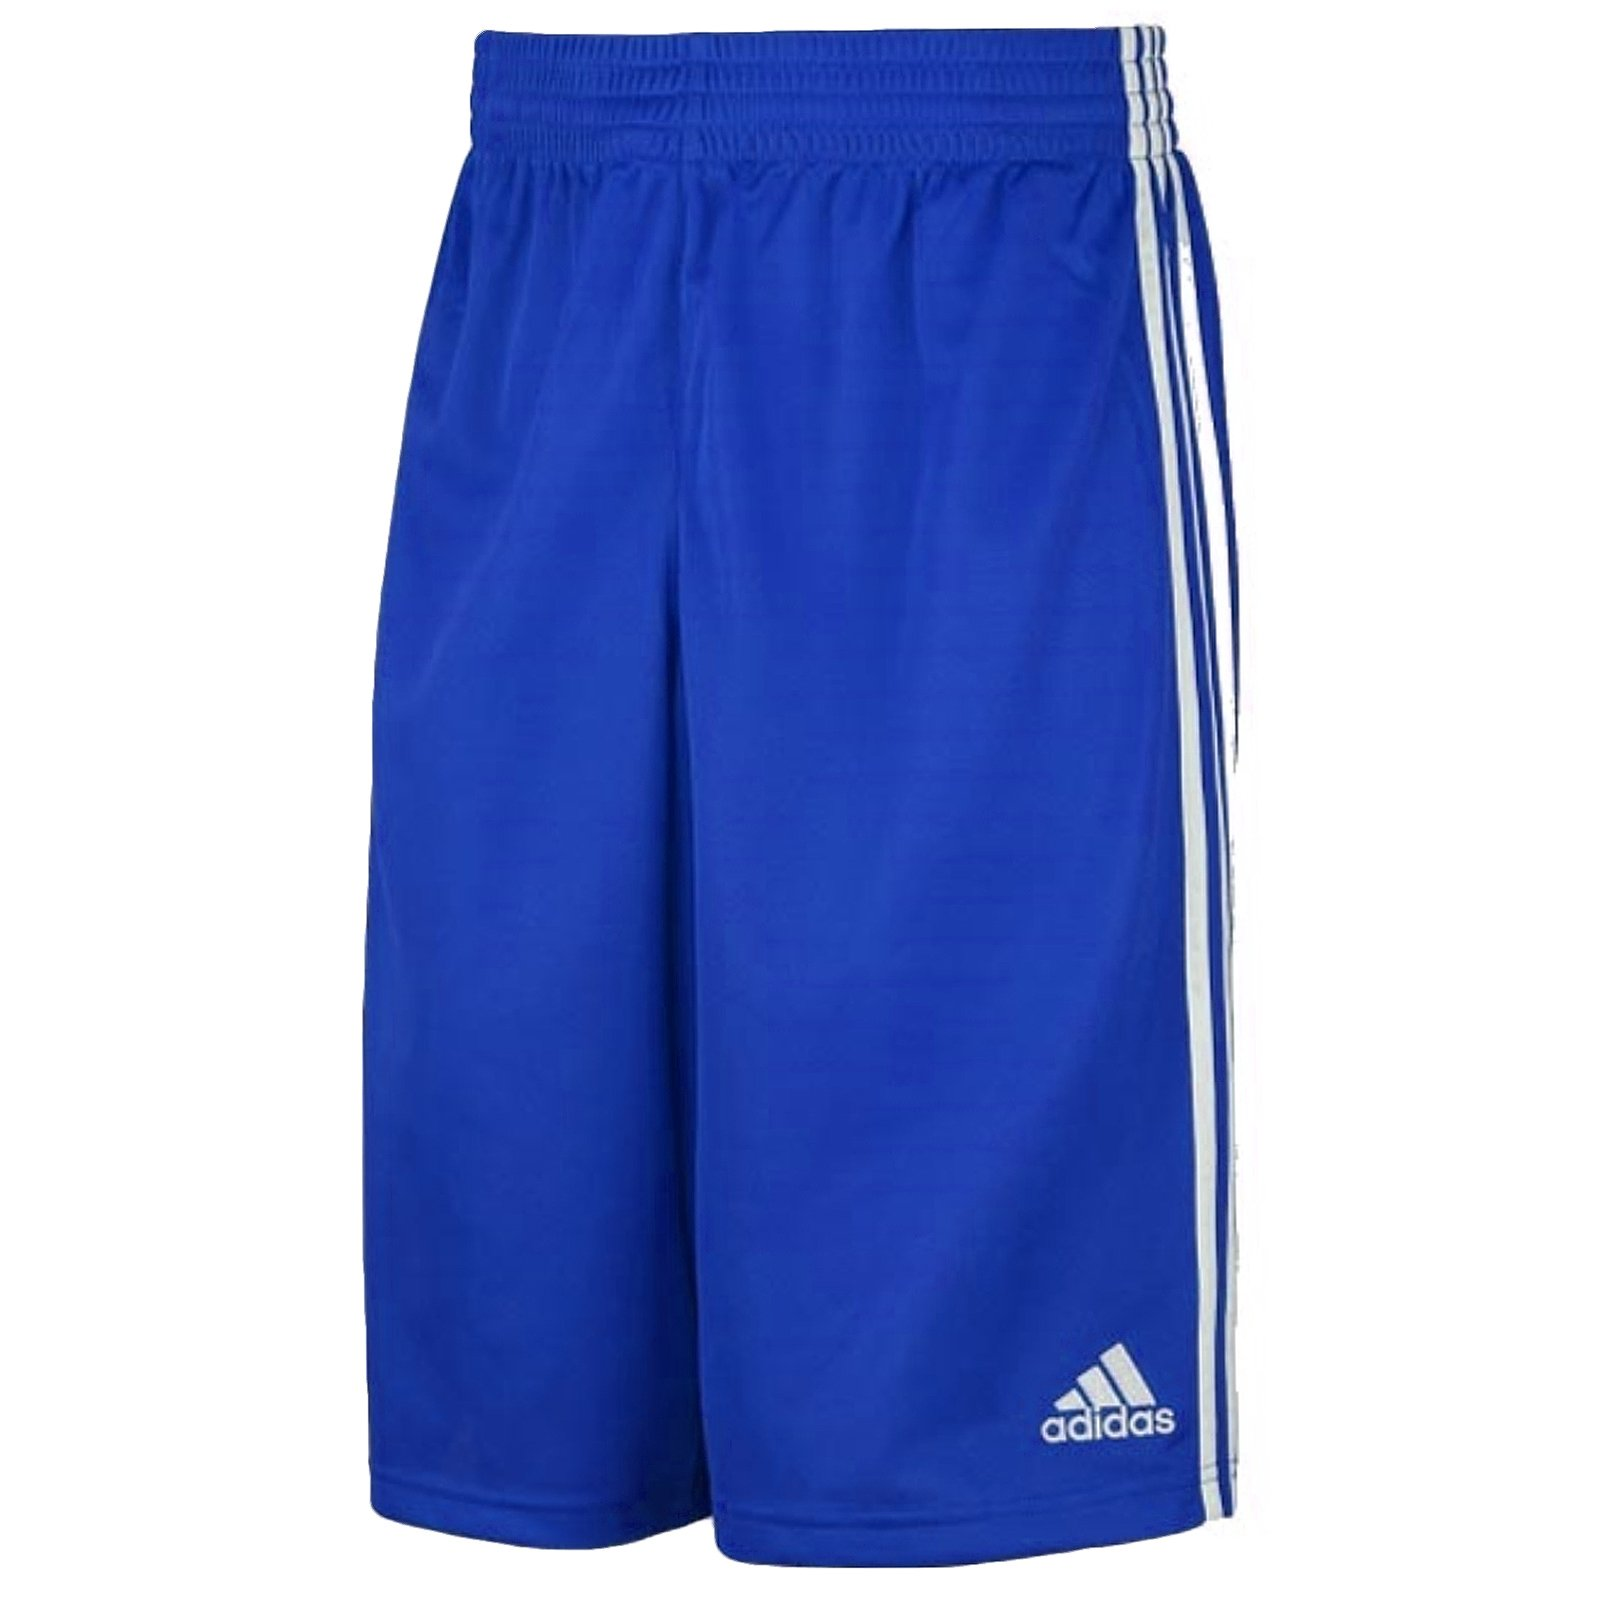 Adidas G7663715 Pantaloncini da Basket da Giovani, blu / bianco, 128